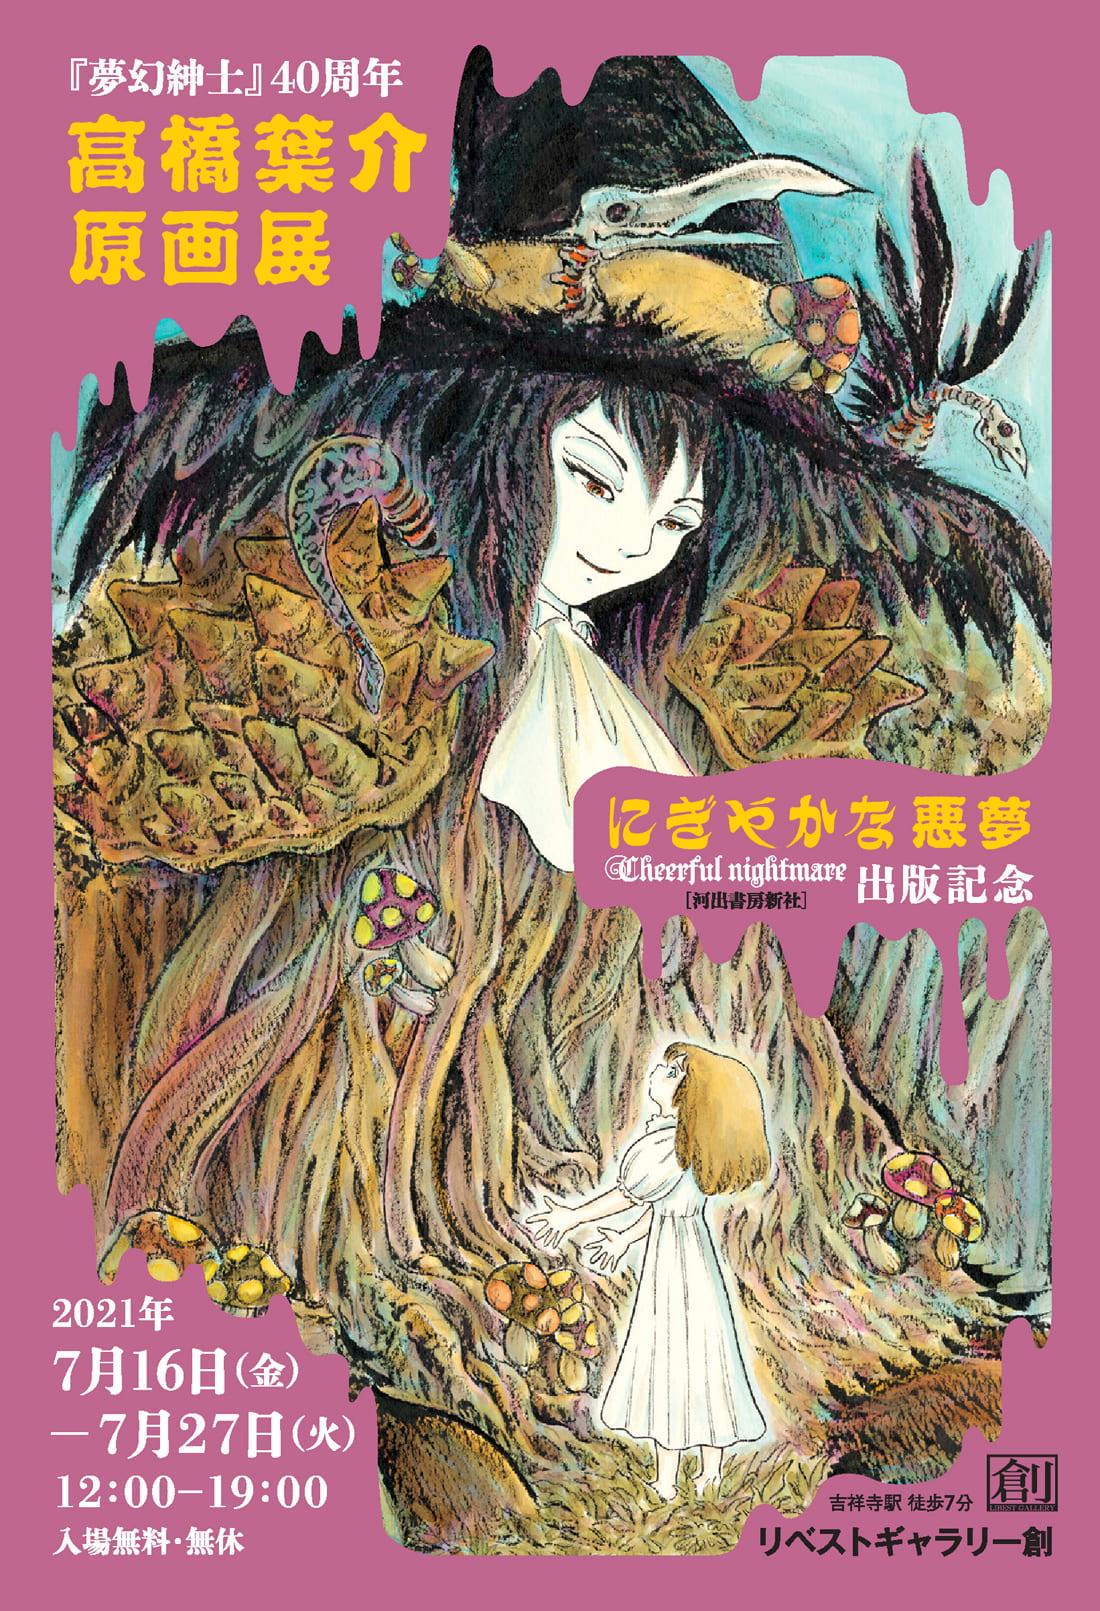 『夢幻紳士』40周年  高橋葉介 原画展  ~『にぎやかな悪夢』(河出書房新社)出版記念~